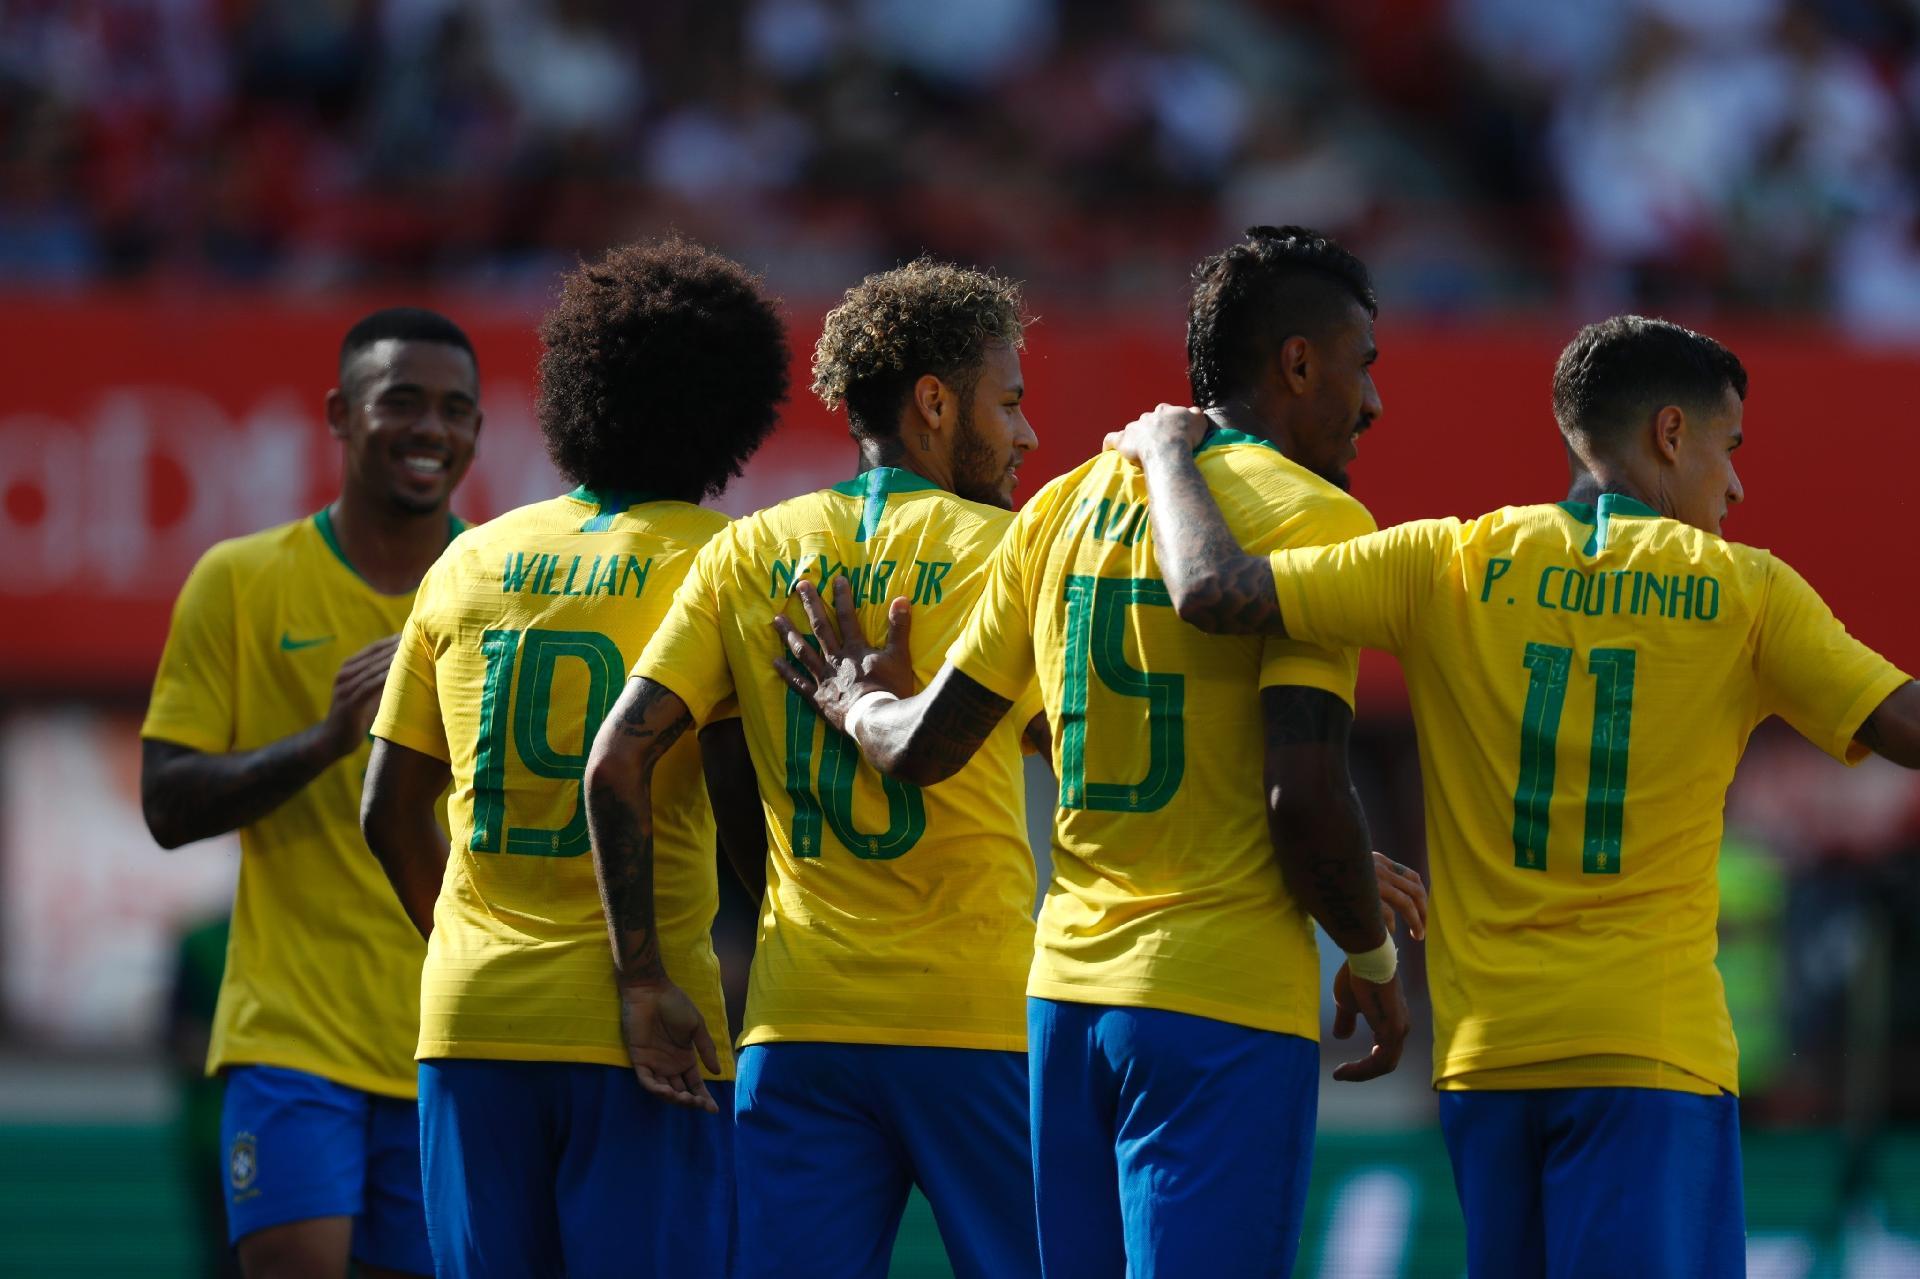 Neymar x Ronaldinho   [ eu que fiz, porra, olha ai e diz oq acha, NAMORAL]  Neymar-comemora-gol-contra-a-austria-com-willian-coutinho-gabriel-jesus-e-paulinho-1528934186502_v2_1920x1279